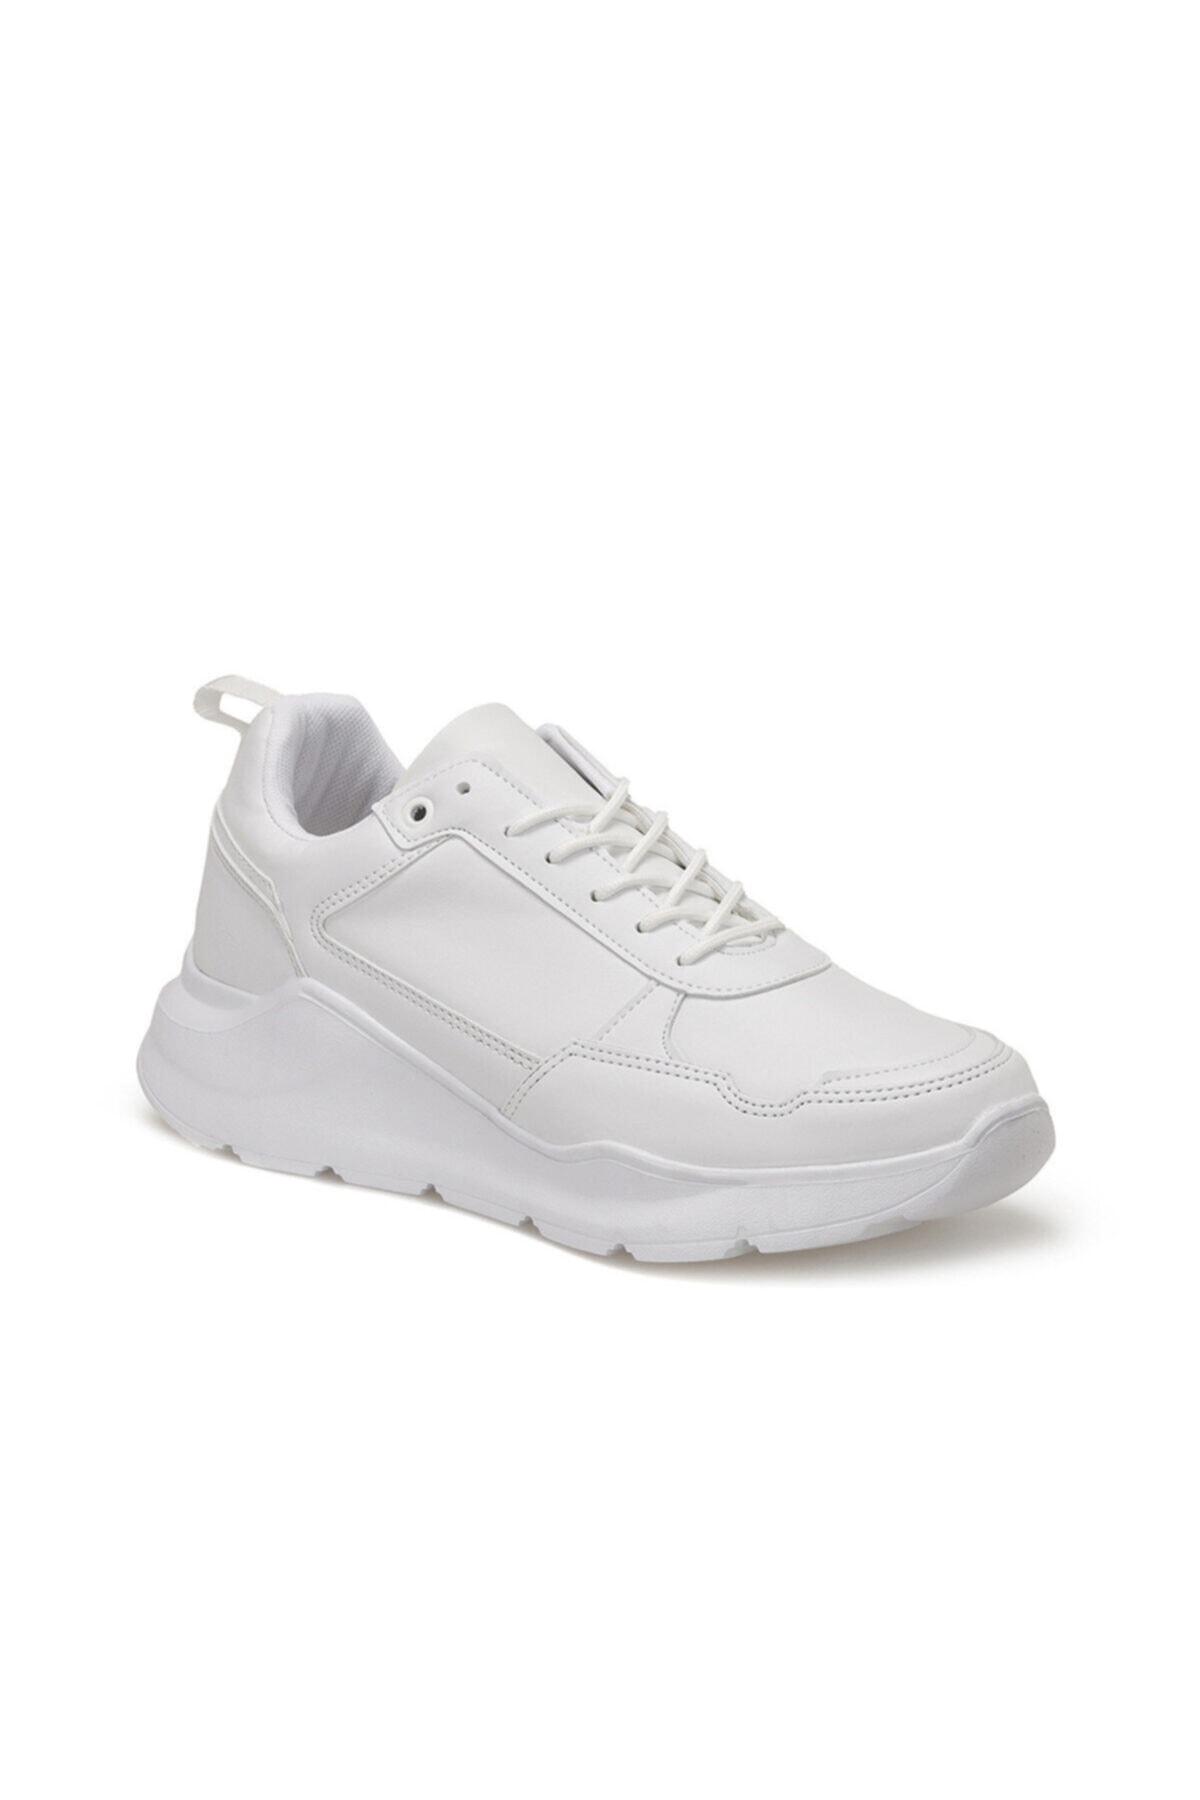 FORESTER EC-1065 Beyaz Erkek Kalın Taban Sneaker Spor Ayakkabı 100569501 1